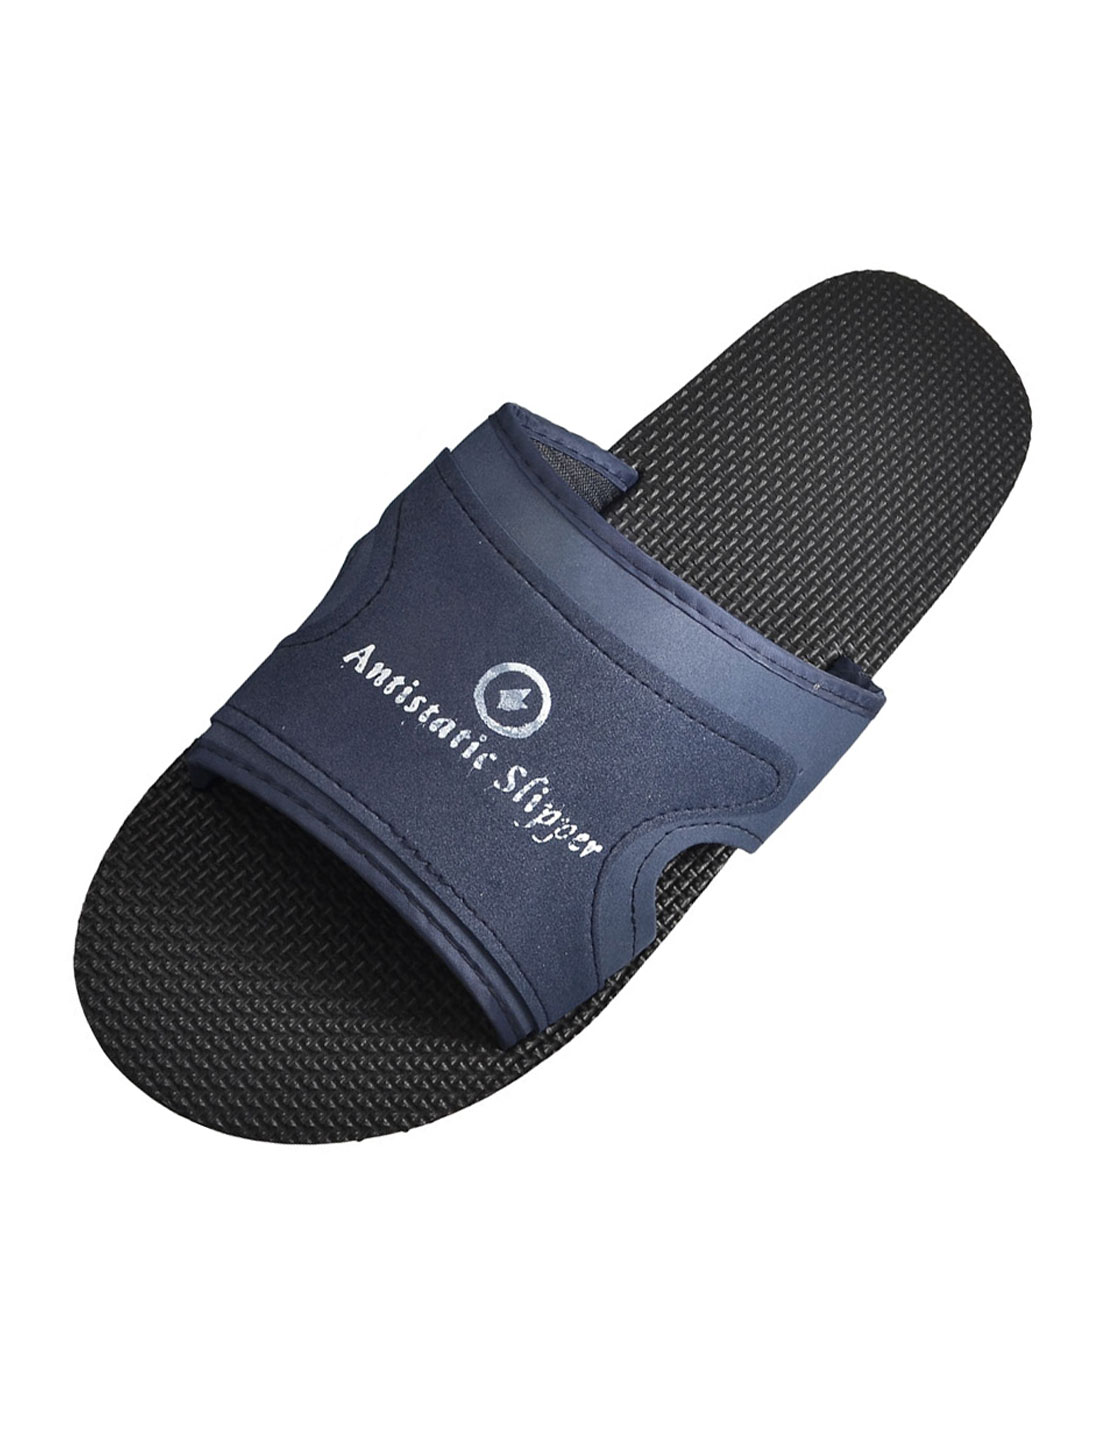 Size 44 Black Navy Blue Foam Anti Slip Slippers for Men